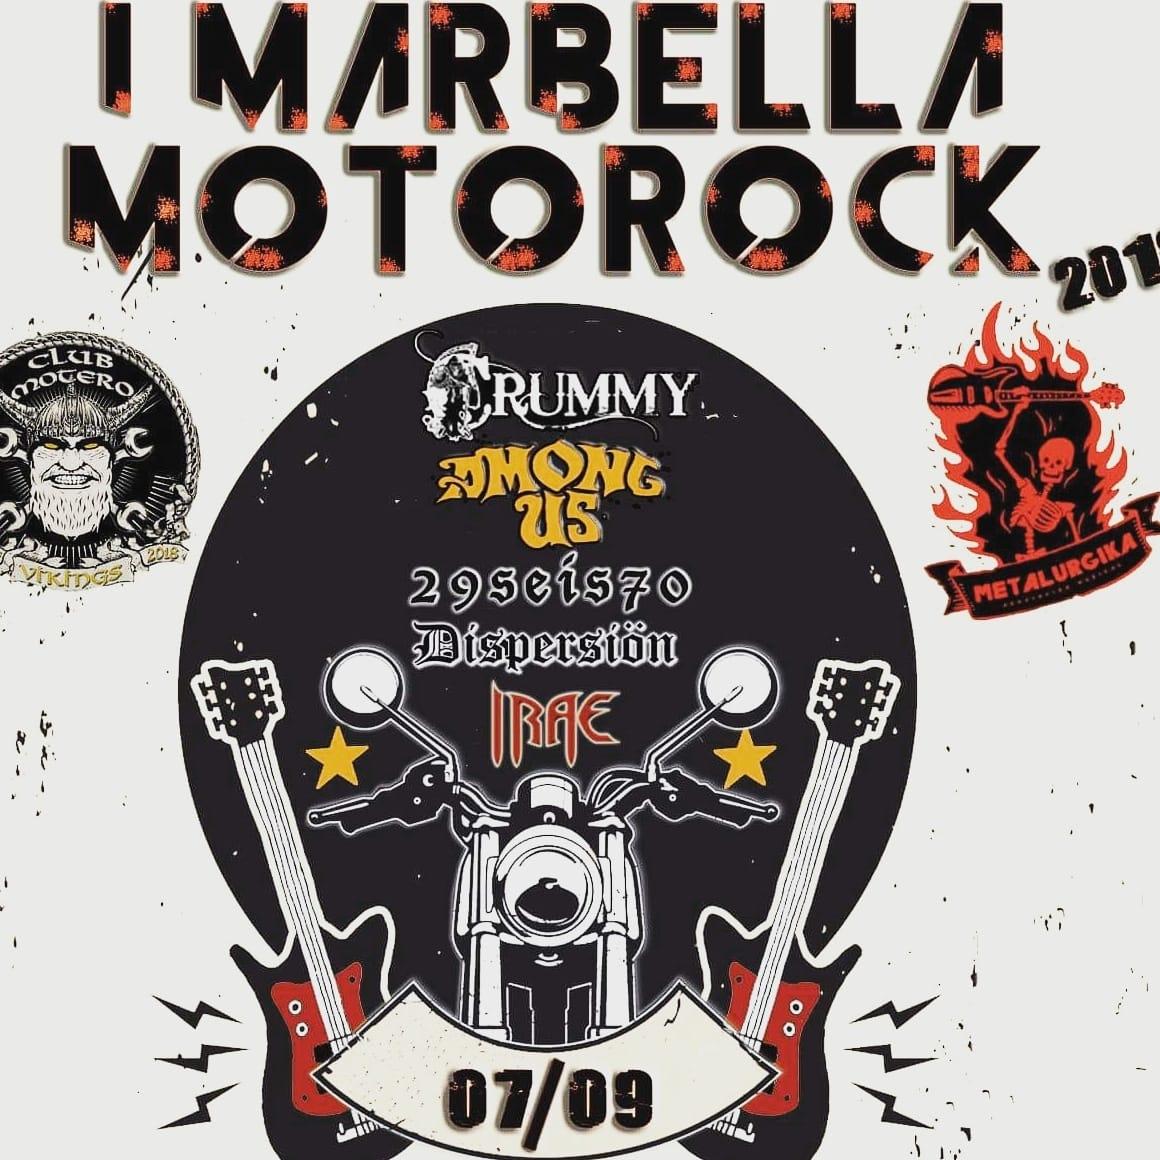 I MARBELLA MOTOROCK 2019 – 7 de septiembre en Fuerte de Nagüeles (Marbella)